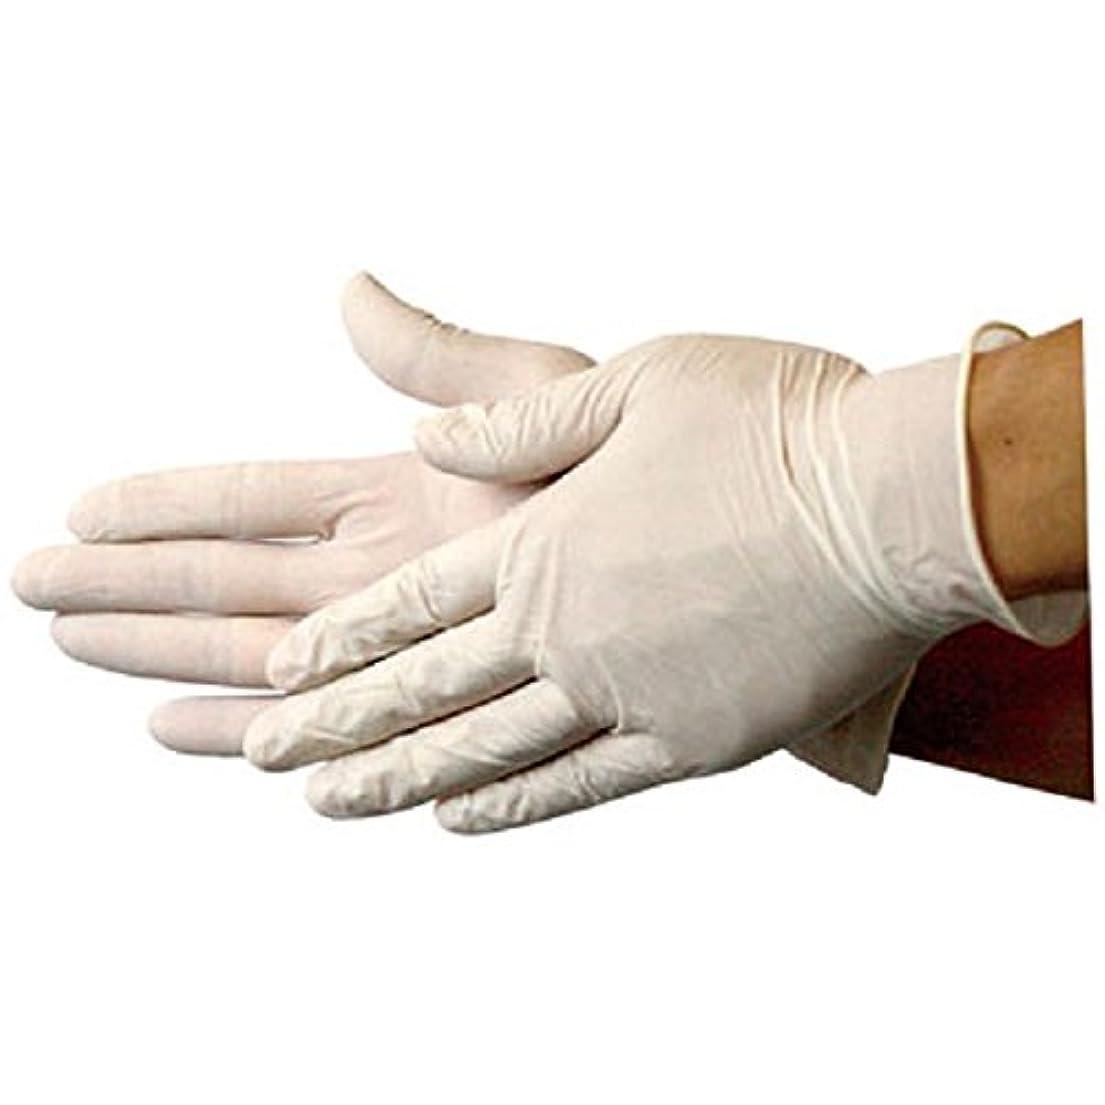 面積想像力促すラテックス手袋(S) 100枚 業務用手袋(EG?????750白)